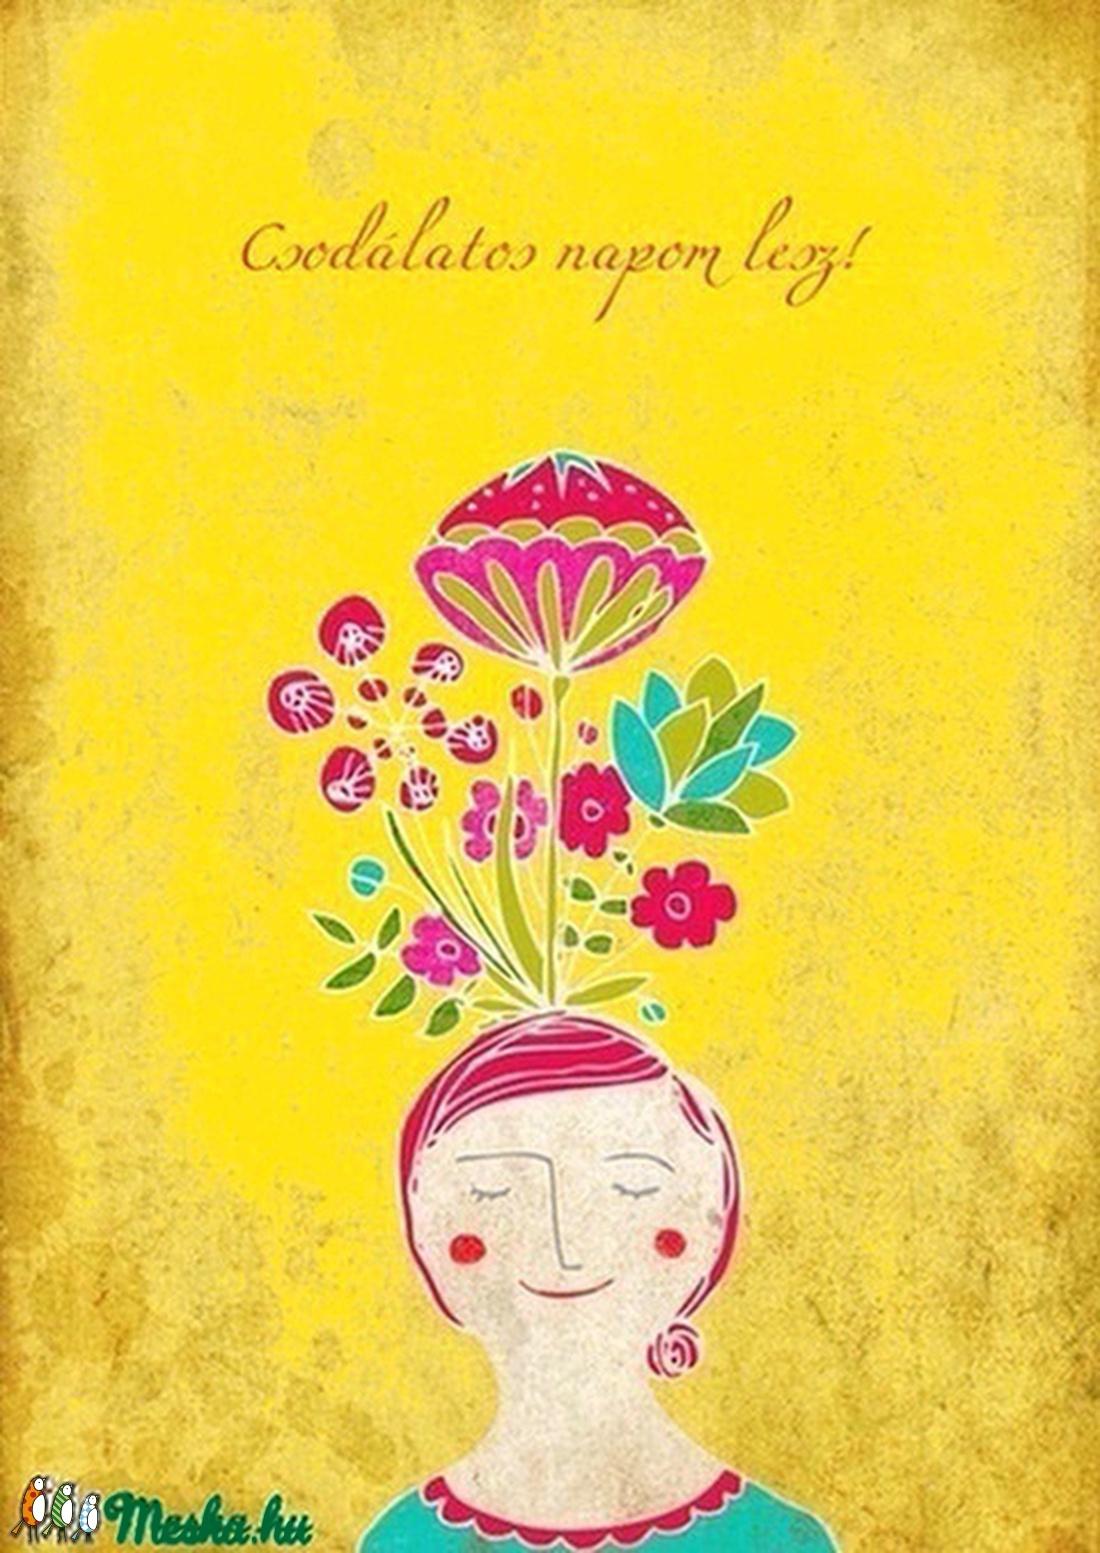 Pozitív pszichológia sorozat - Csodálatos napom lesz! (schalleszter) - Meska.hu